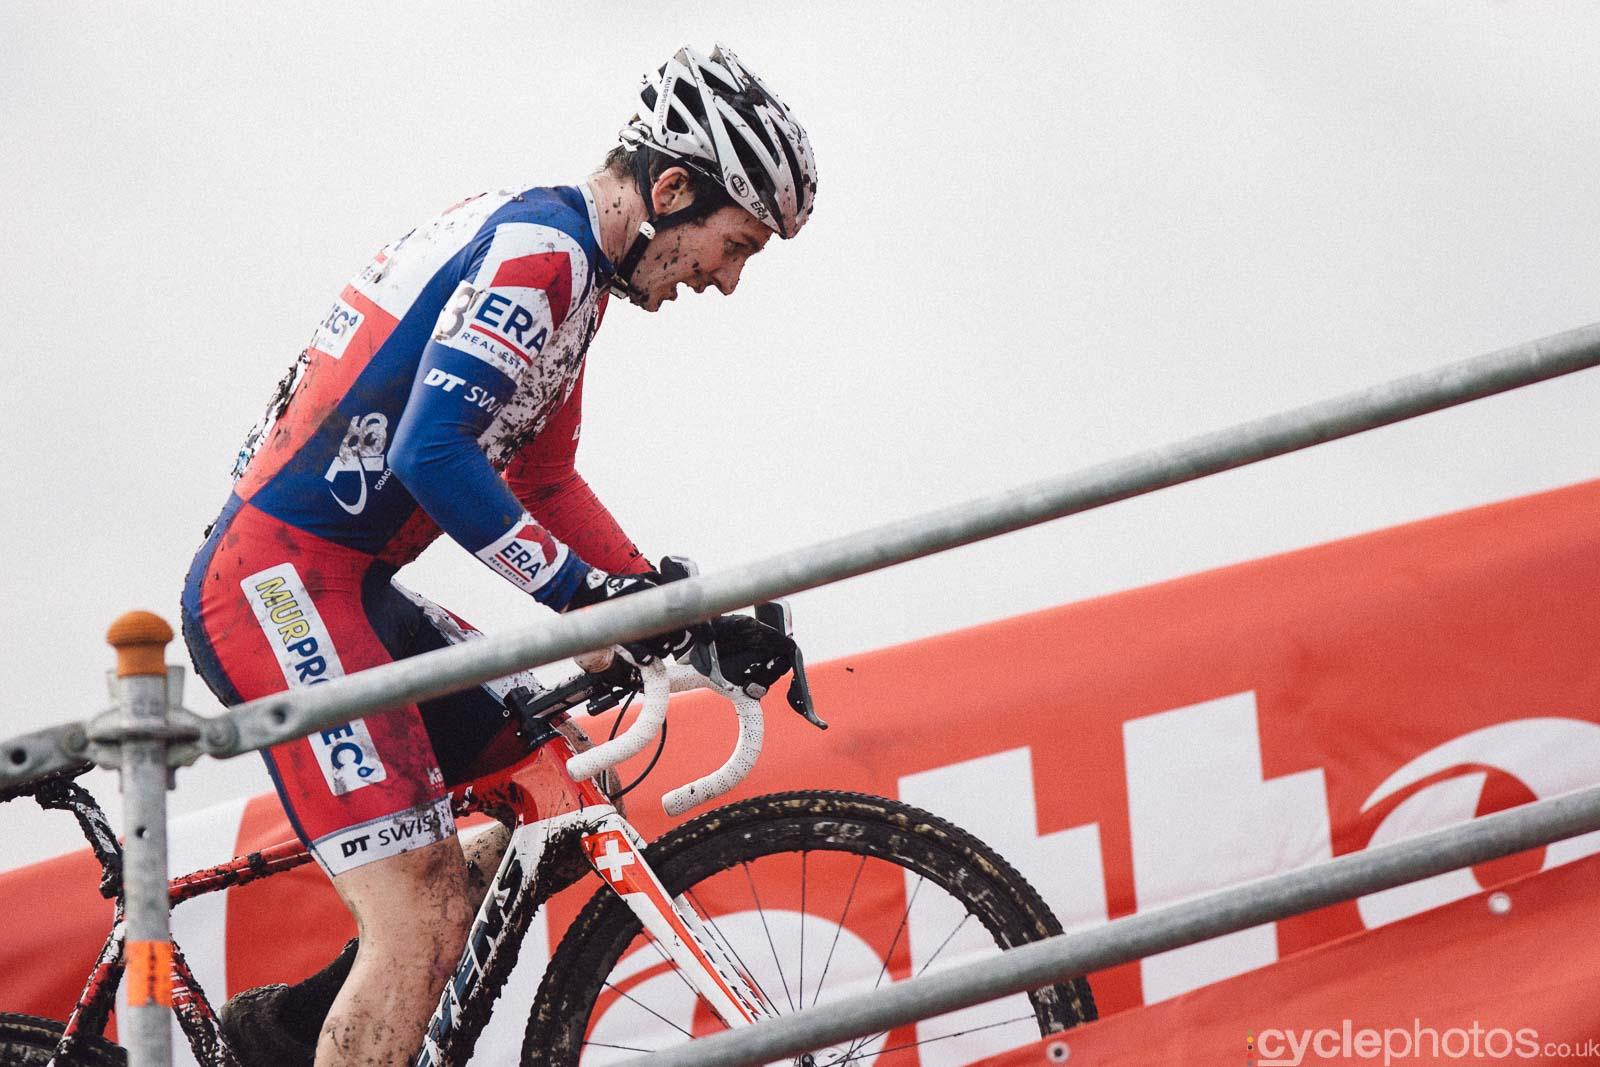 2016-cyclephotos-cyclocross-hoogstraten-153600-julien-taramarcaz